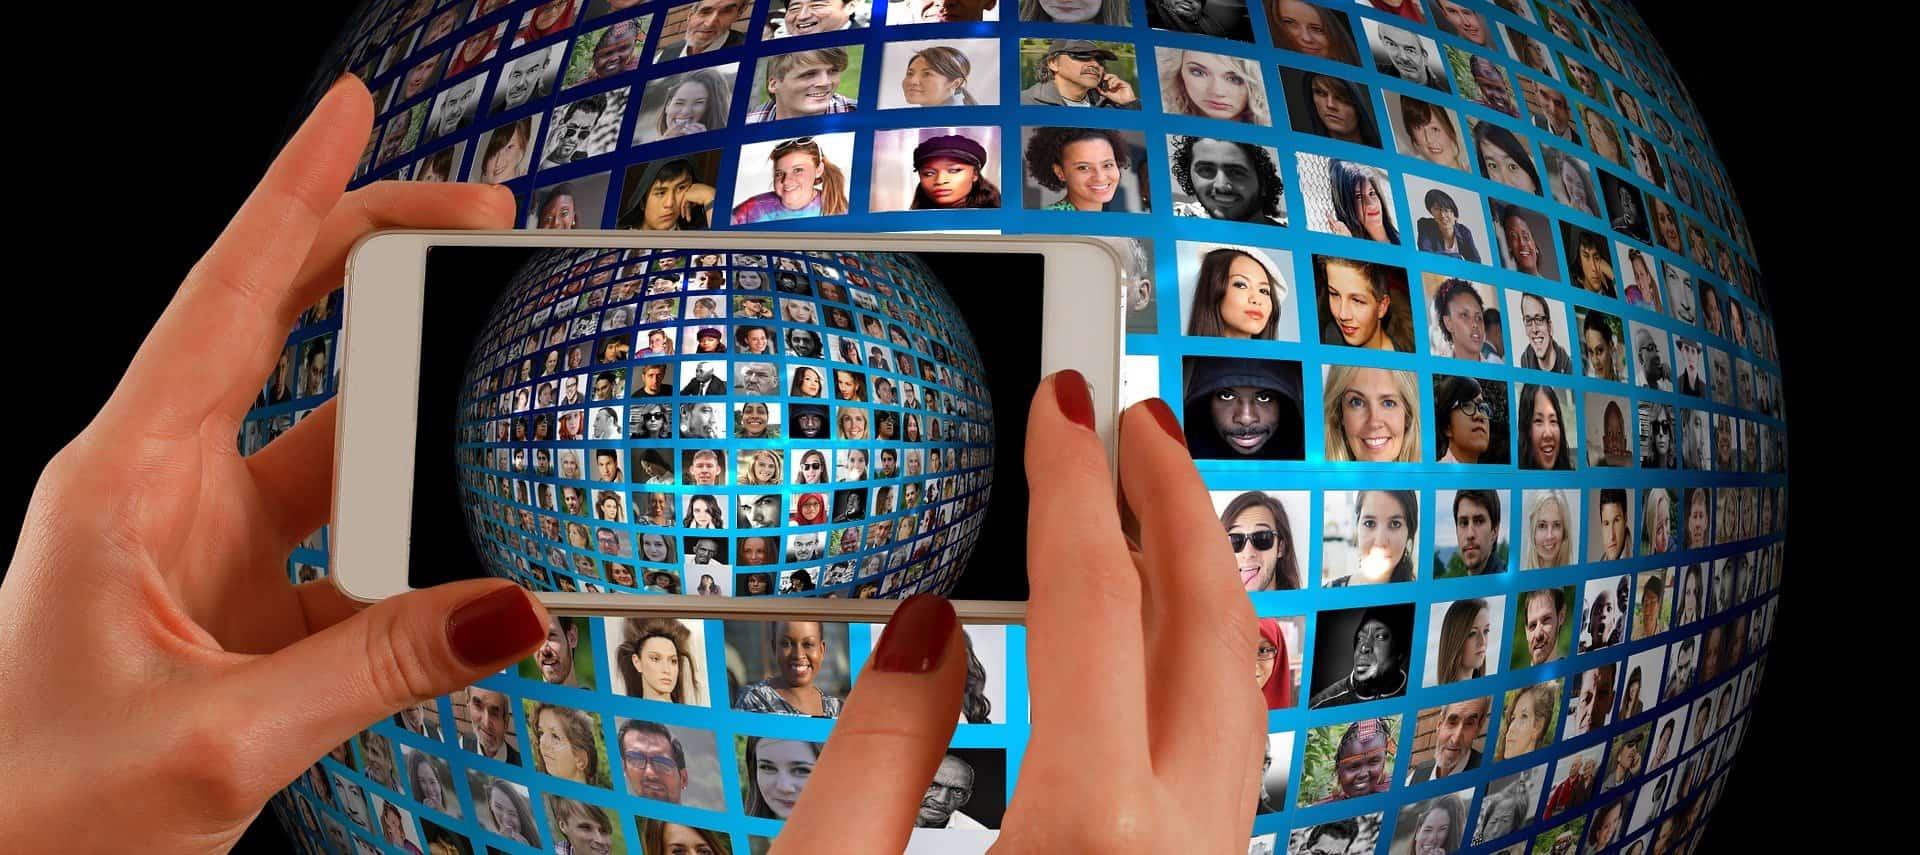 Relation virtuelle ou imaginaire : voici les10 signes pour l'identifier